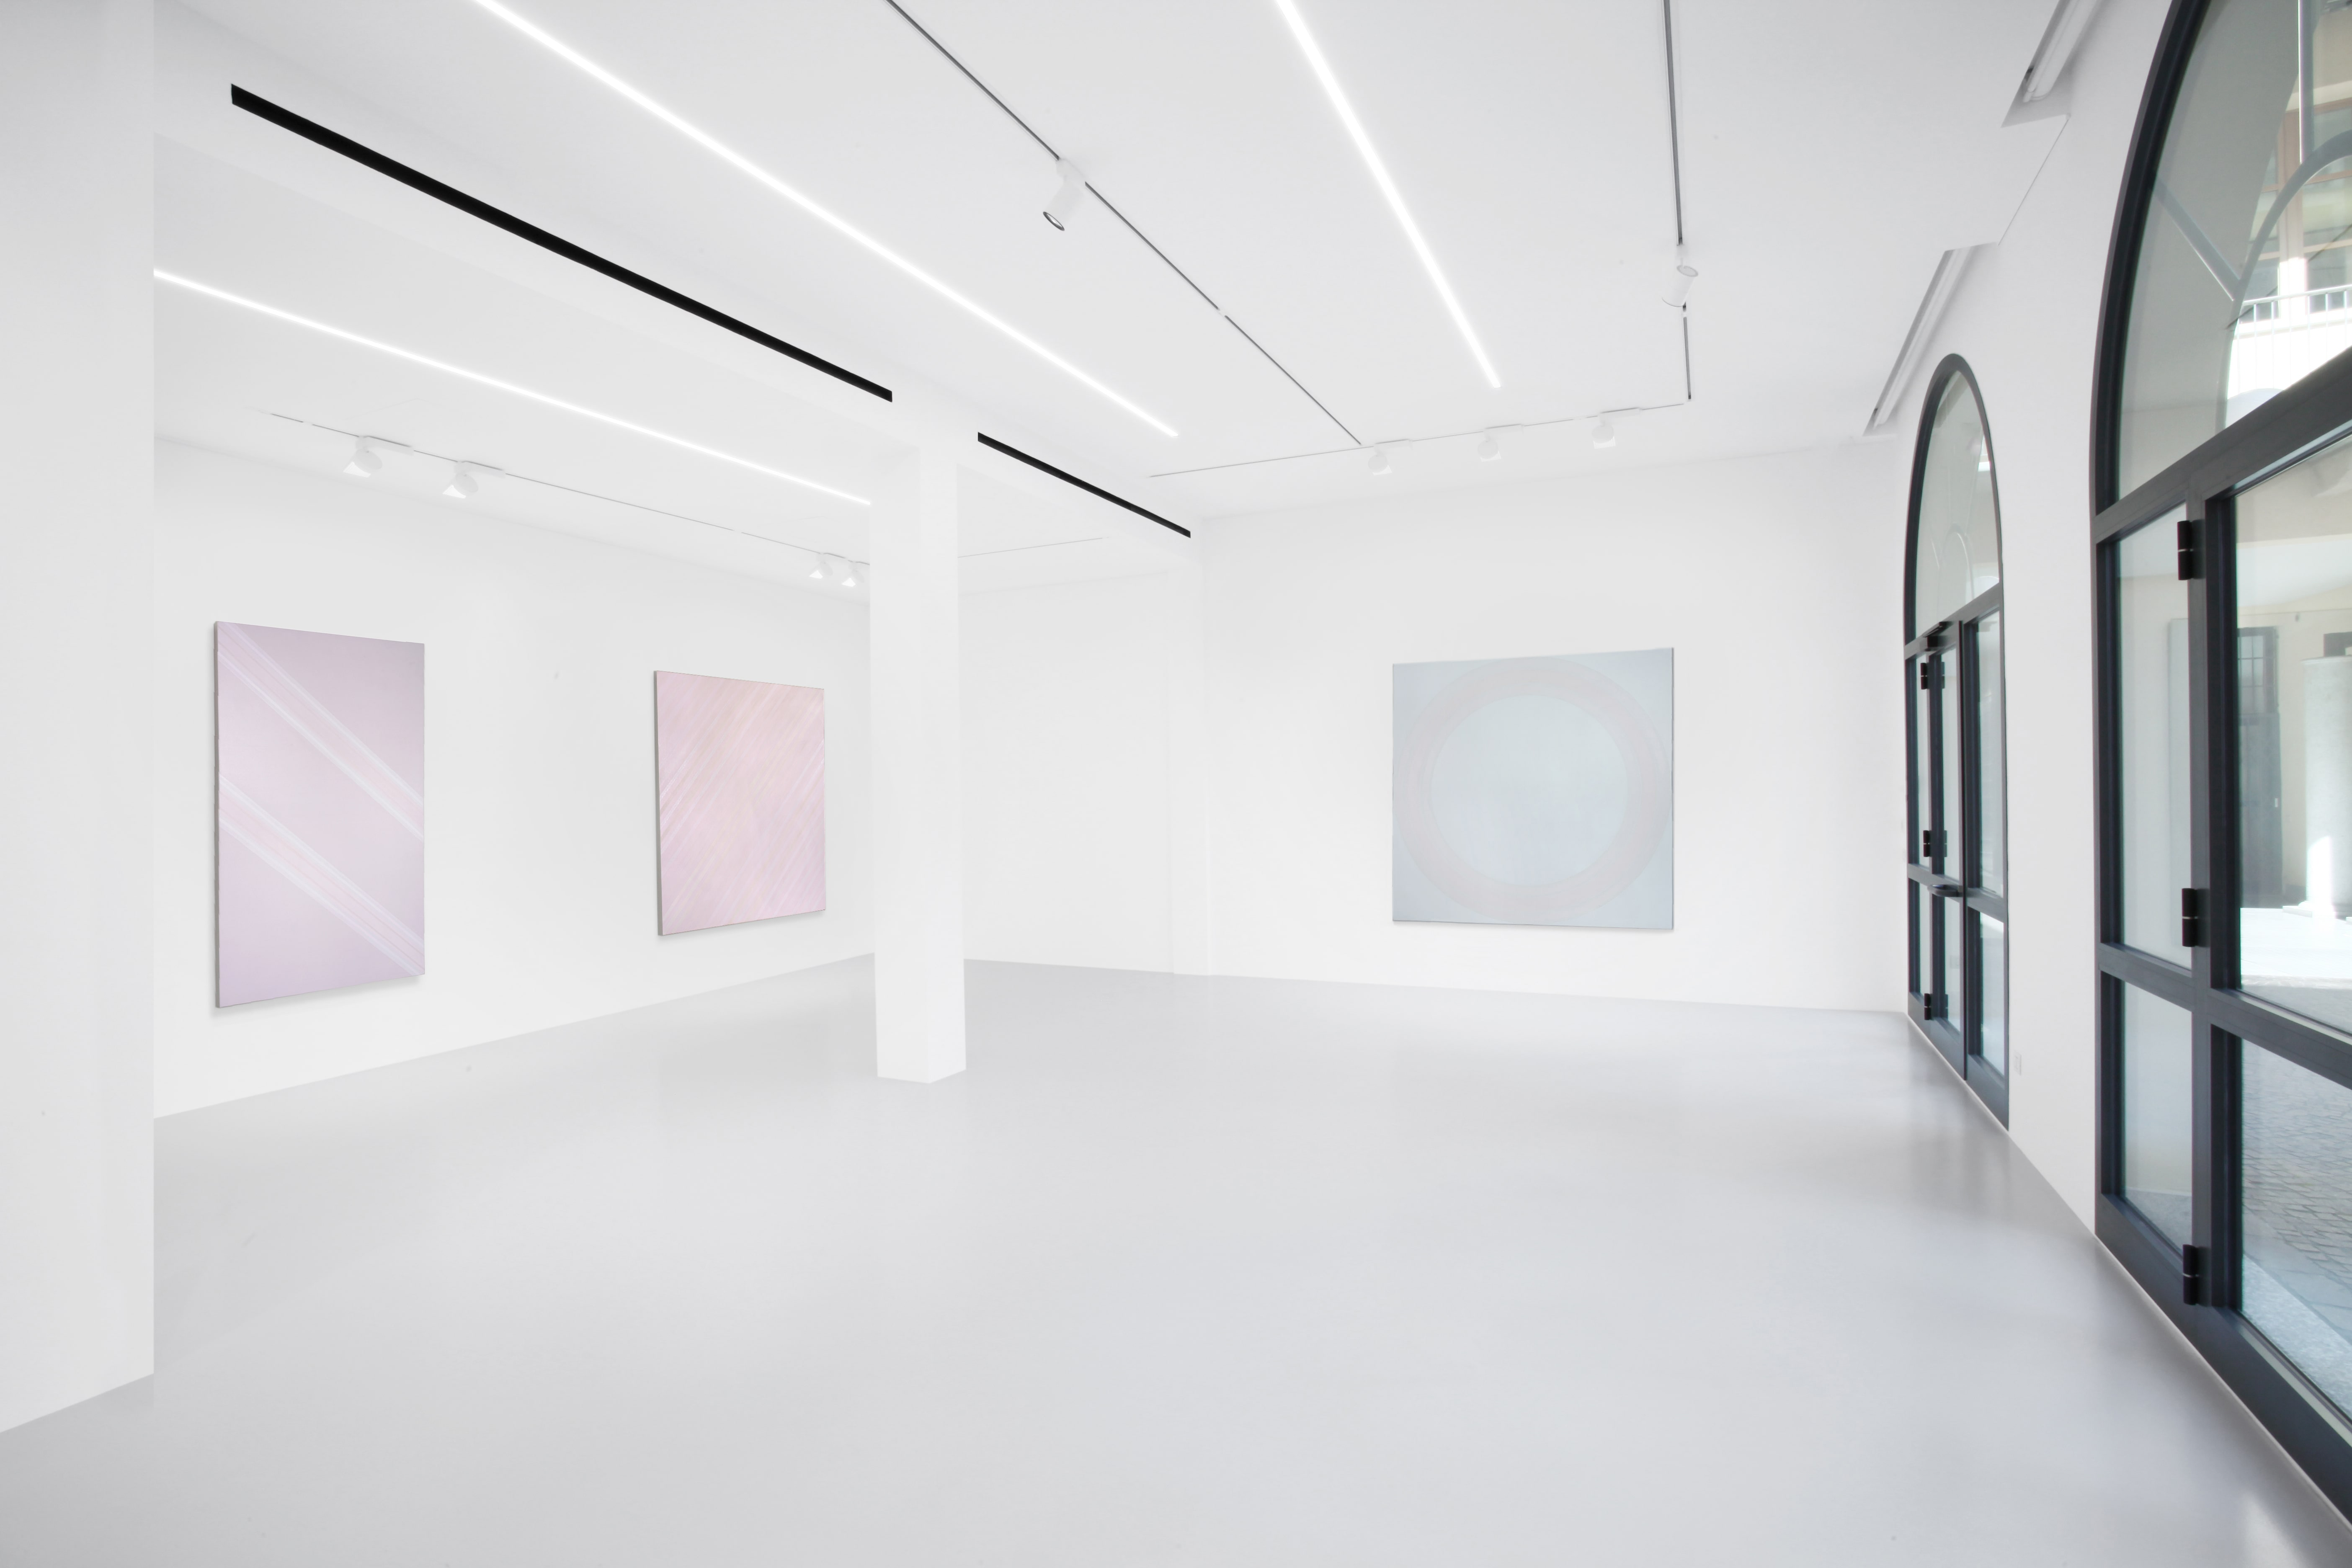 Vincenzo Satta, maestro di forme e colori. La mostra alla galleria 10 A.M. ART di Milano